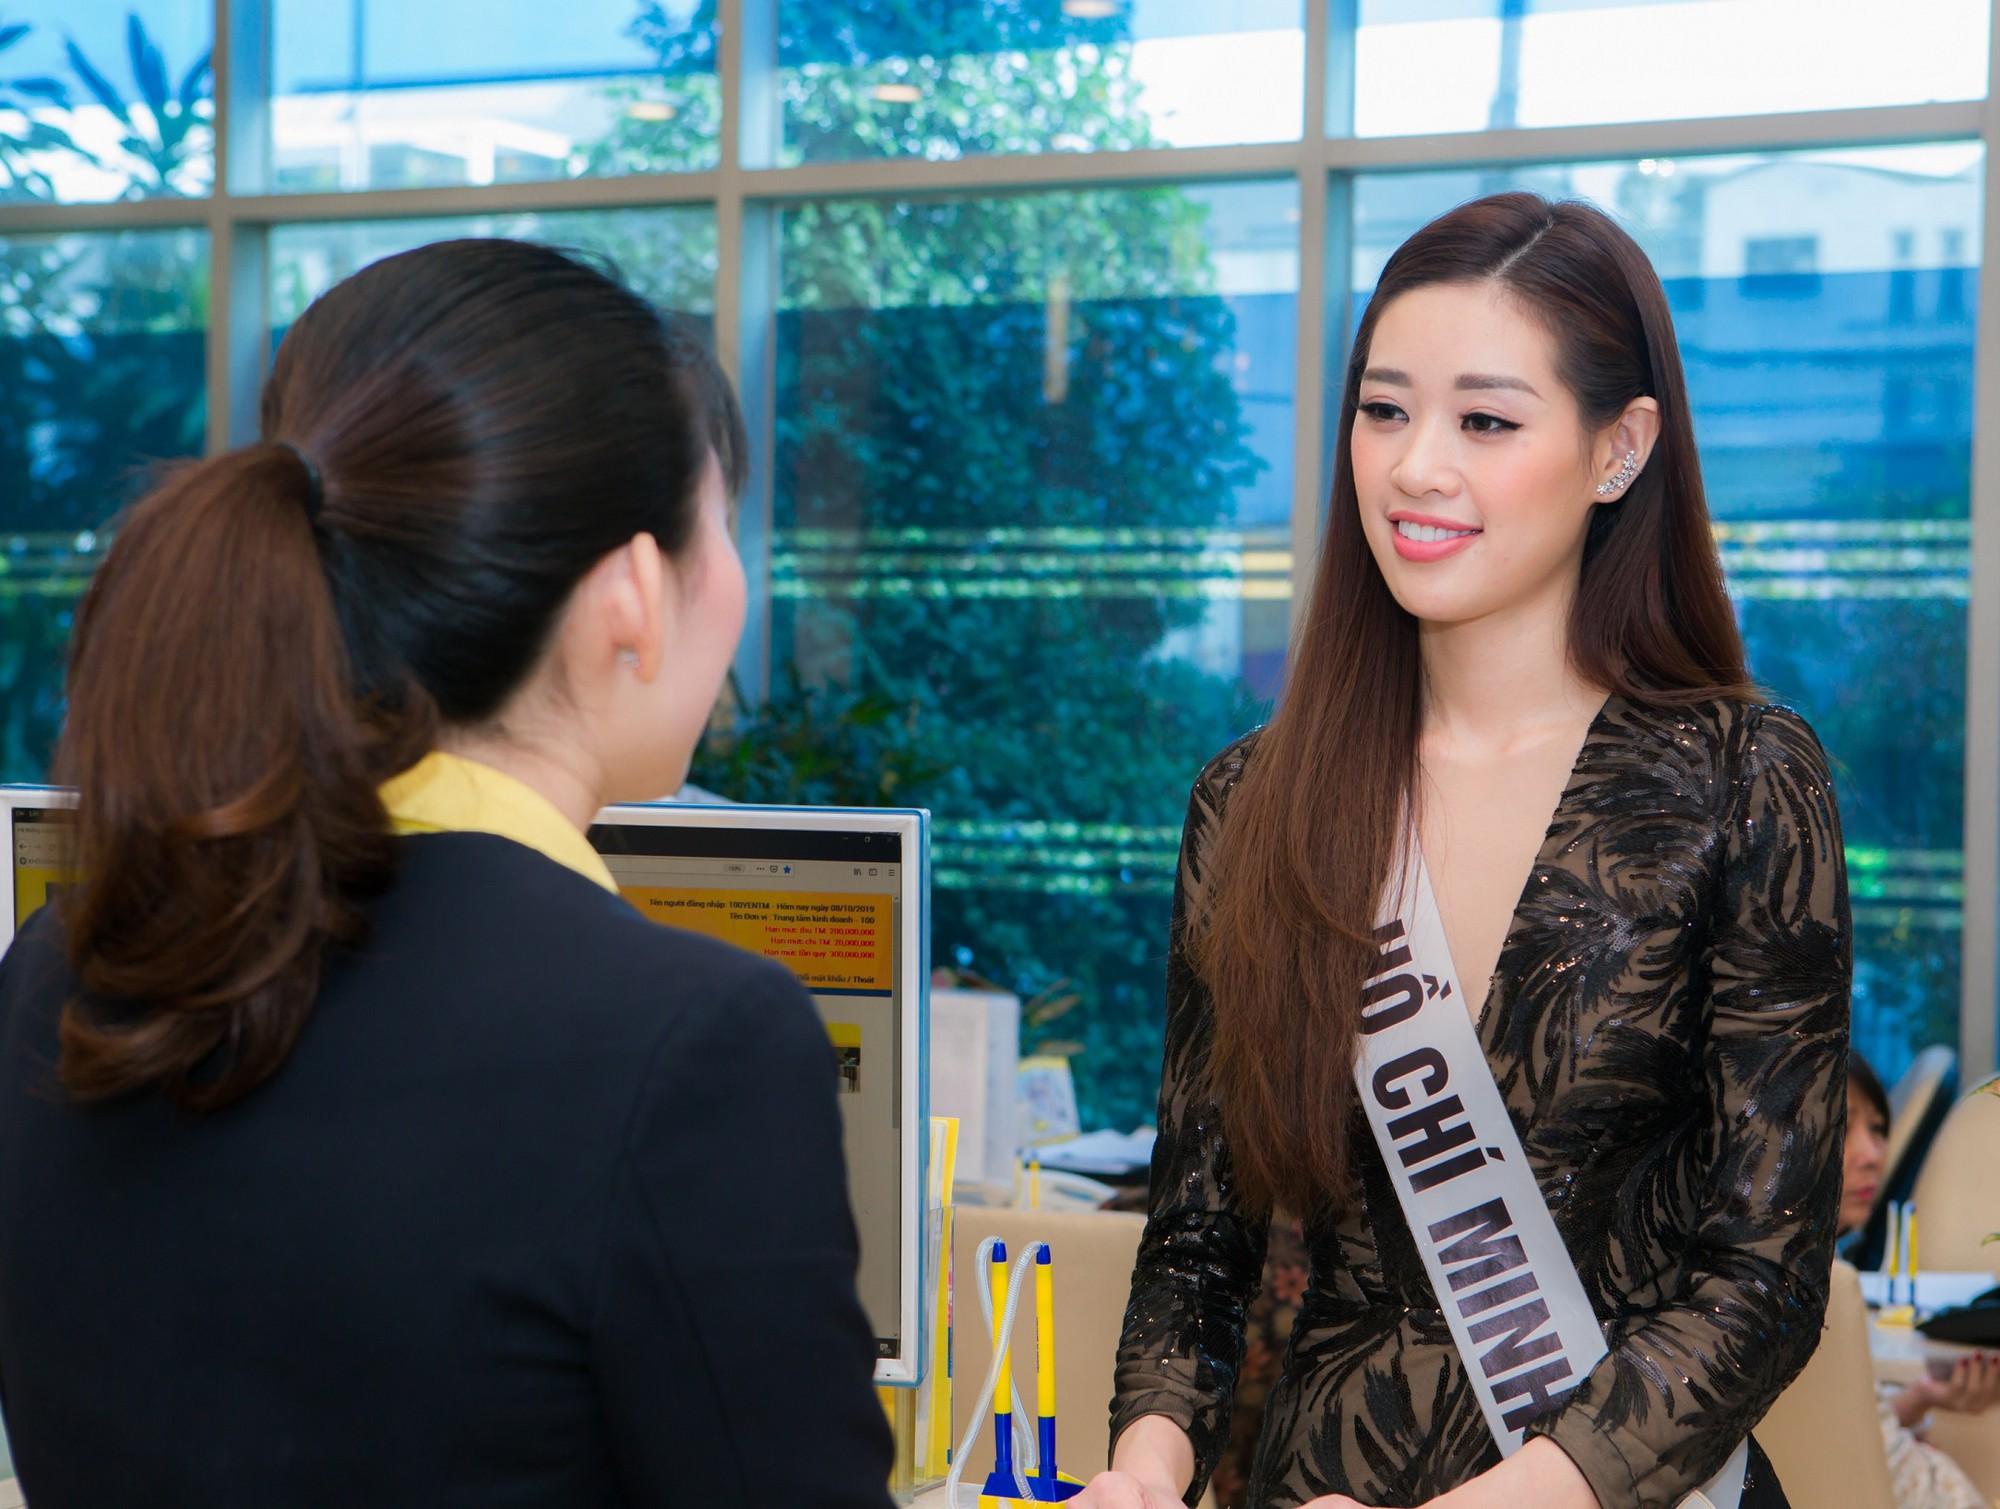 Top 60 Hoa hậu Hoàn Vũ Việt Nam 2019 trải nghiệm sản phẩm dịch vụ tài chính hiện đại tại Nam A Bank - Ảnh 3.